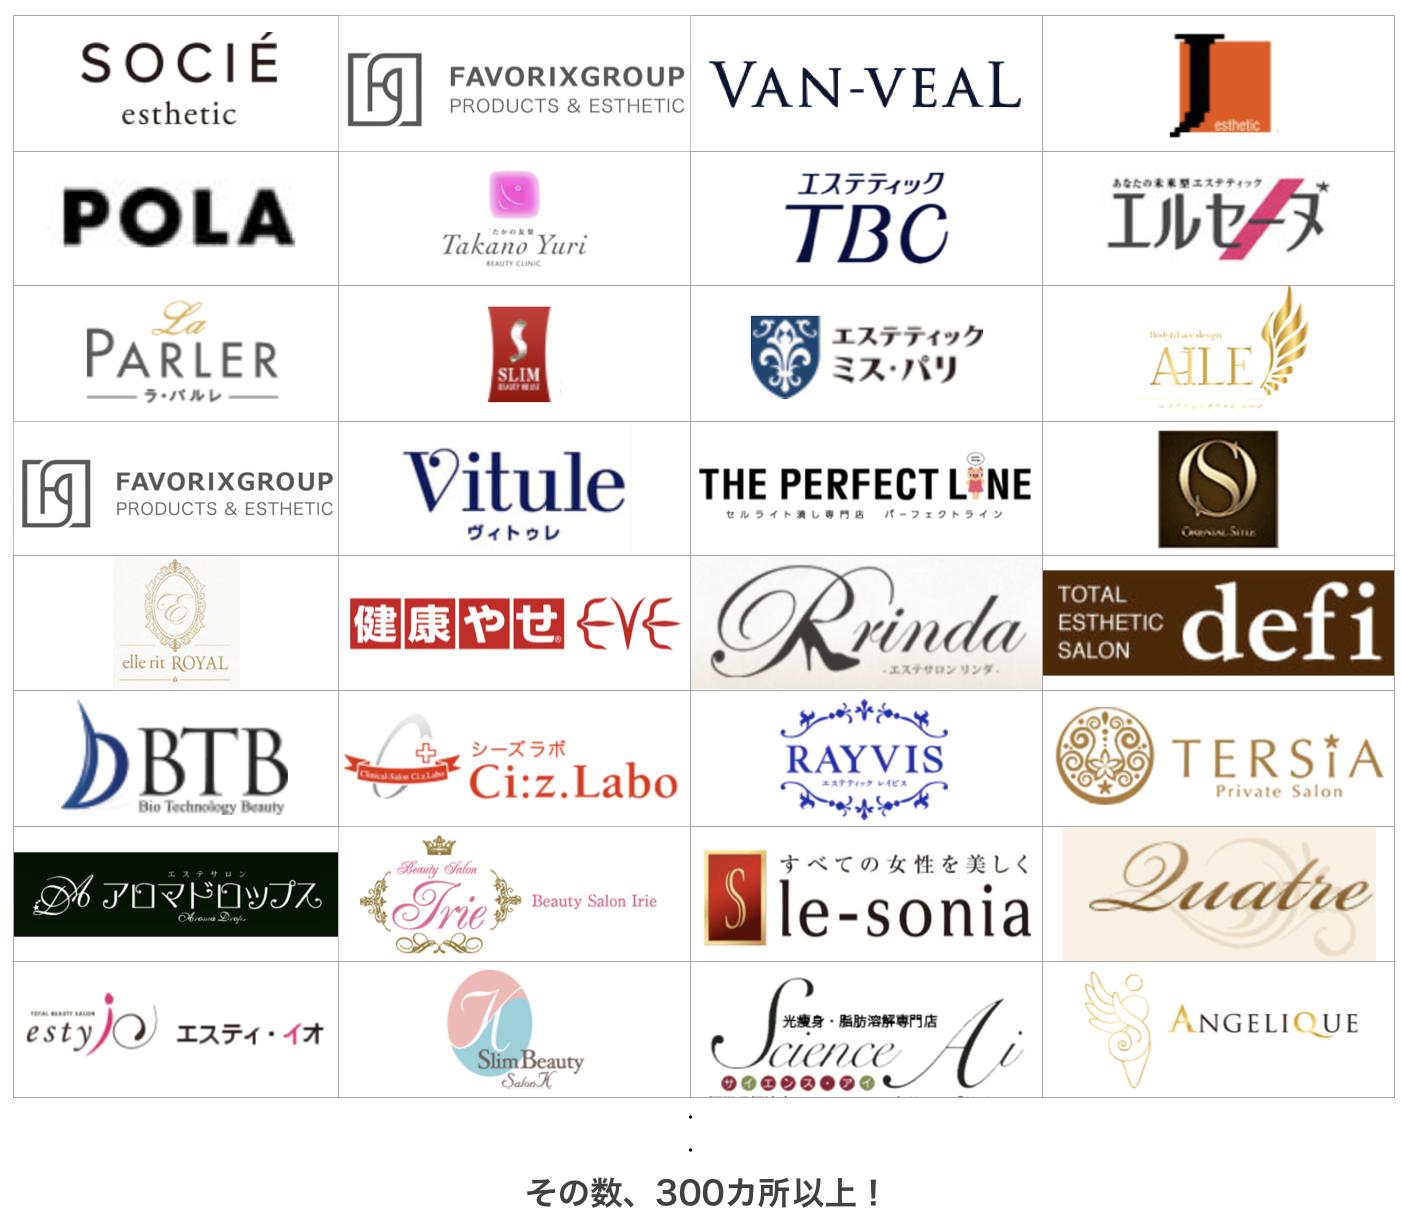 痩身エステは福岡市内だけでも300店舗以上ある!